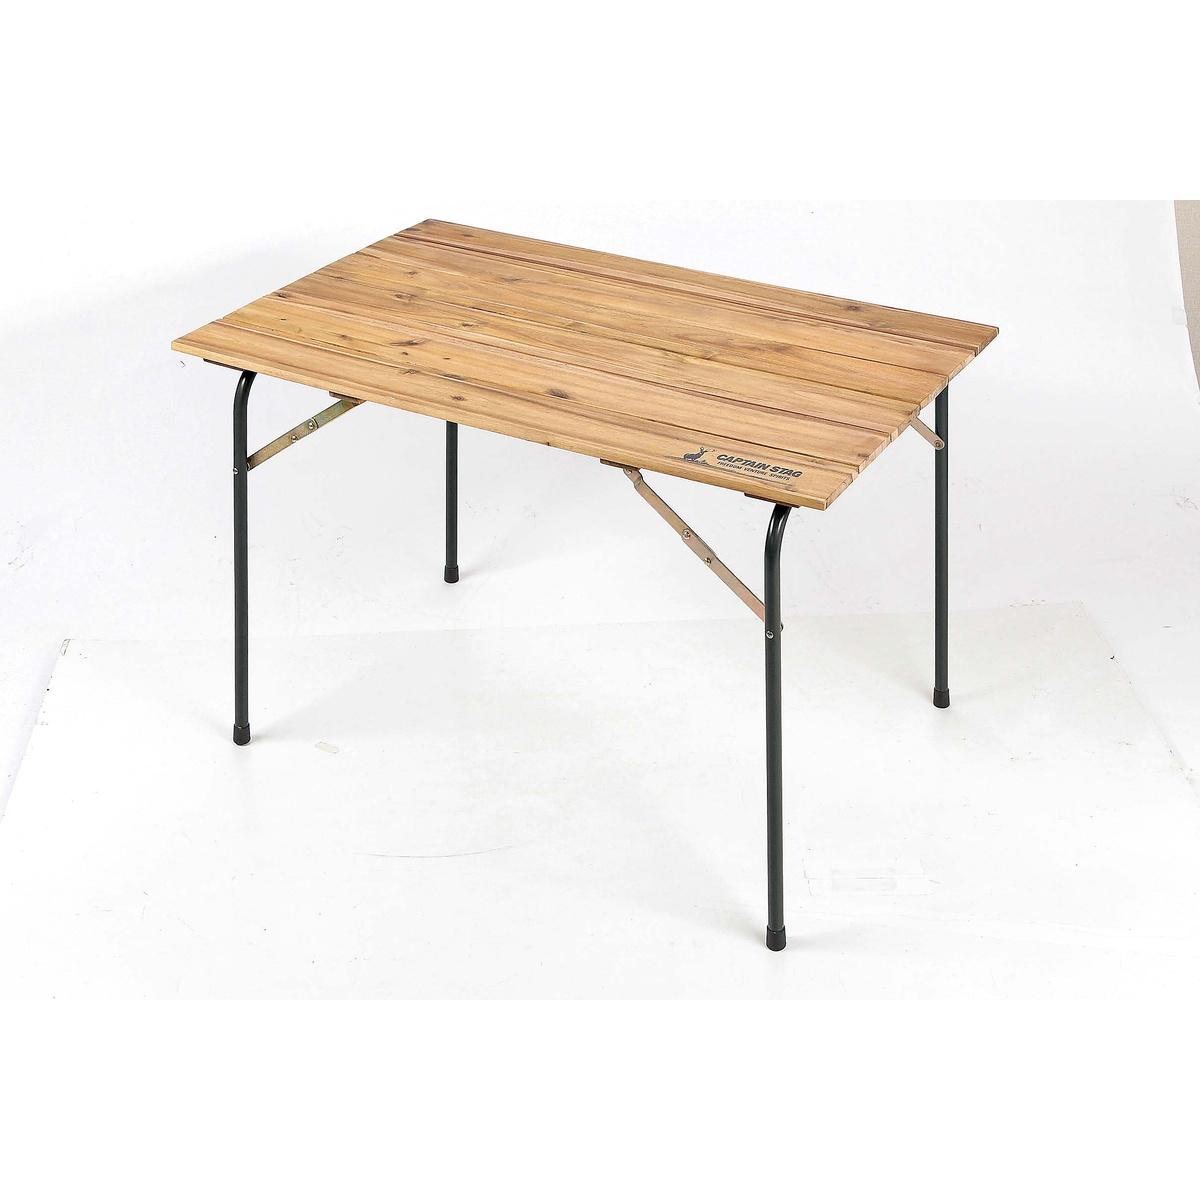 【送料無料】 キャンプ用品 ファミリーテーブル CSクラシックス FDリビングテーブル UP-1013